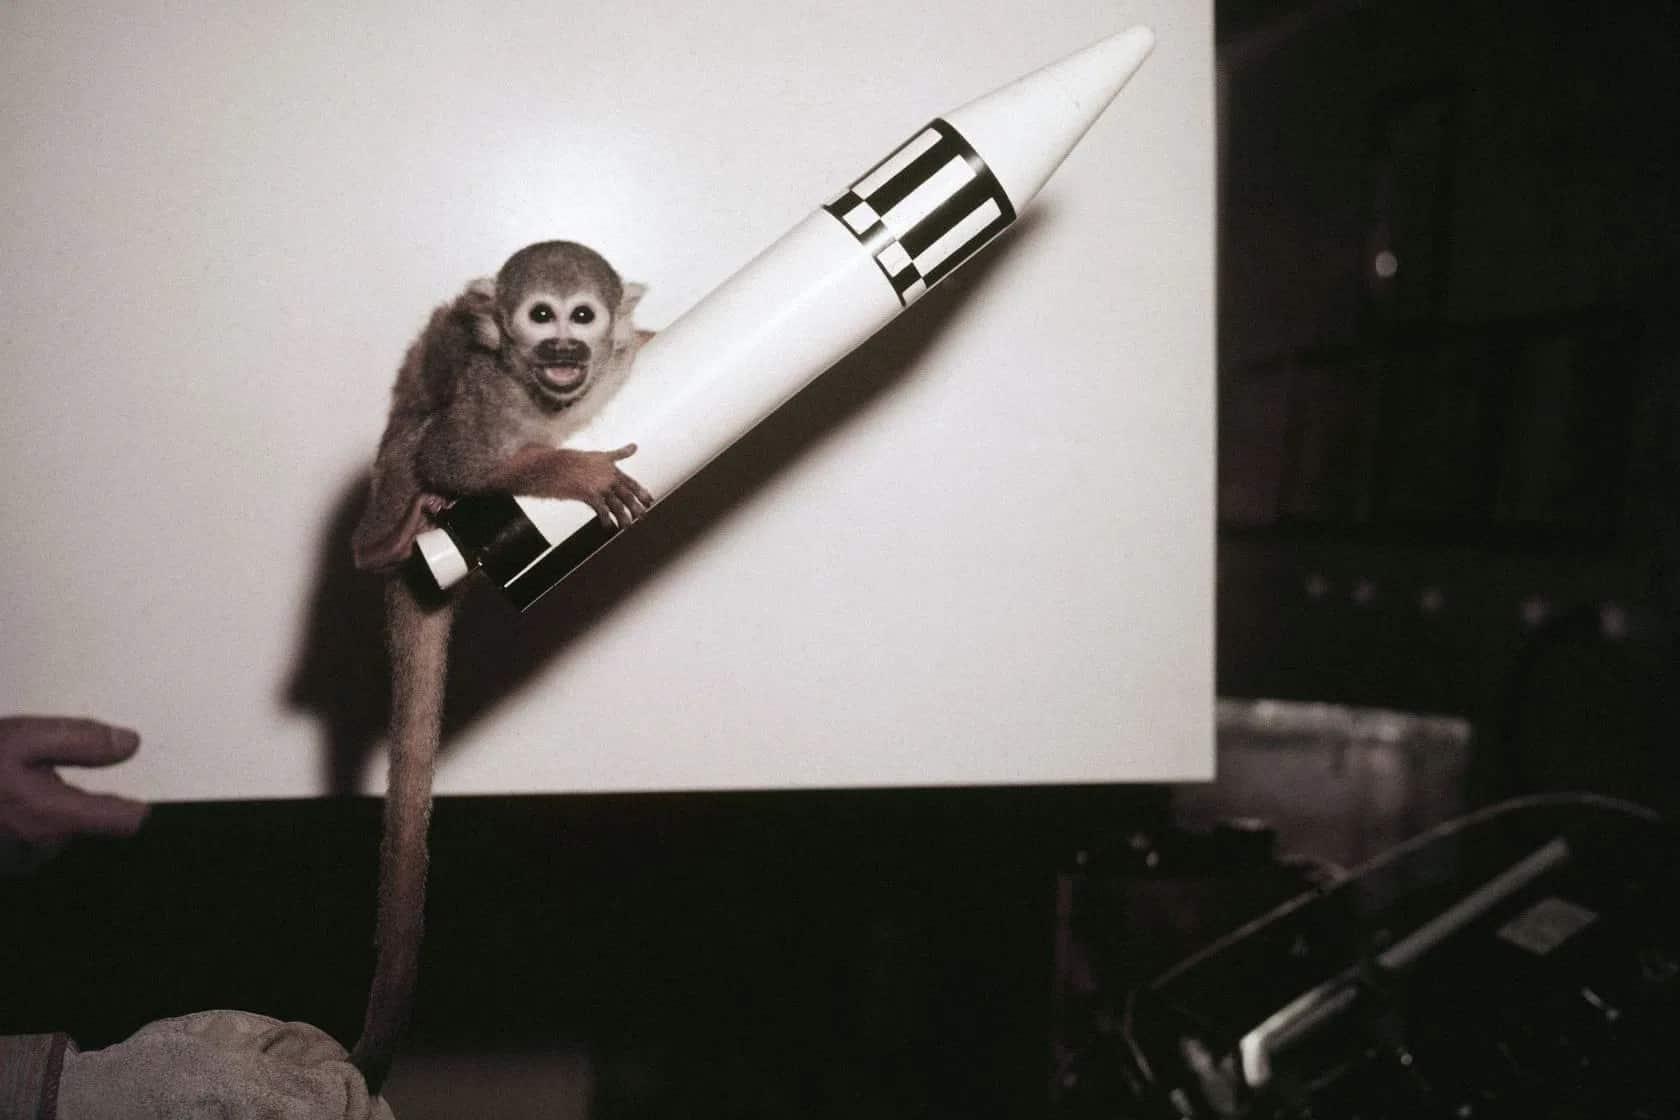 القرد بايكر